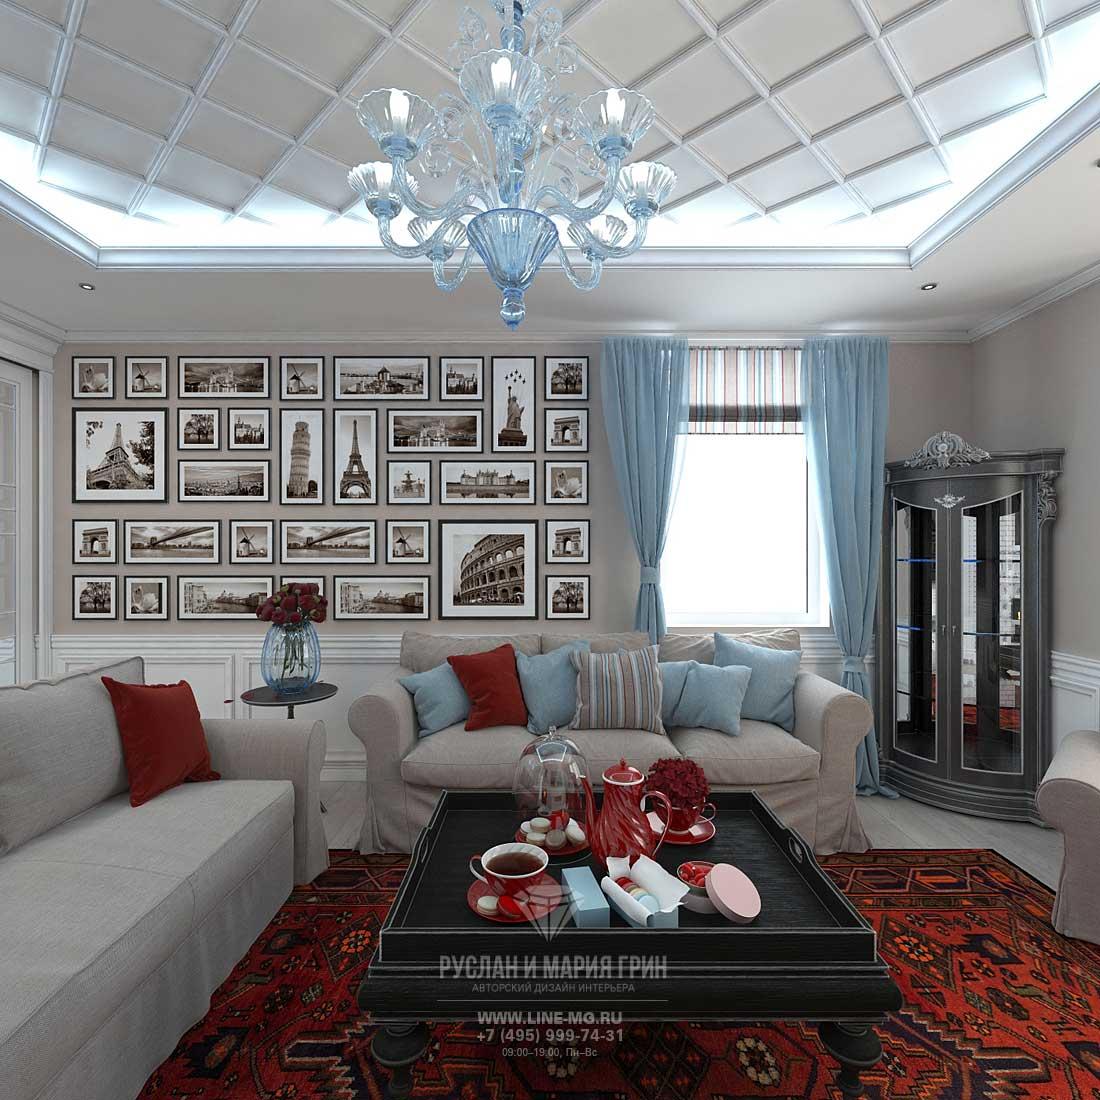 Дизайнерский ремонт квартиры под ключ в парижском стиле. Фото интерьера